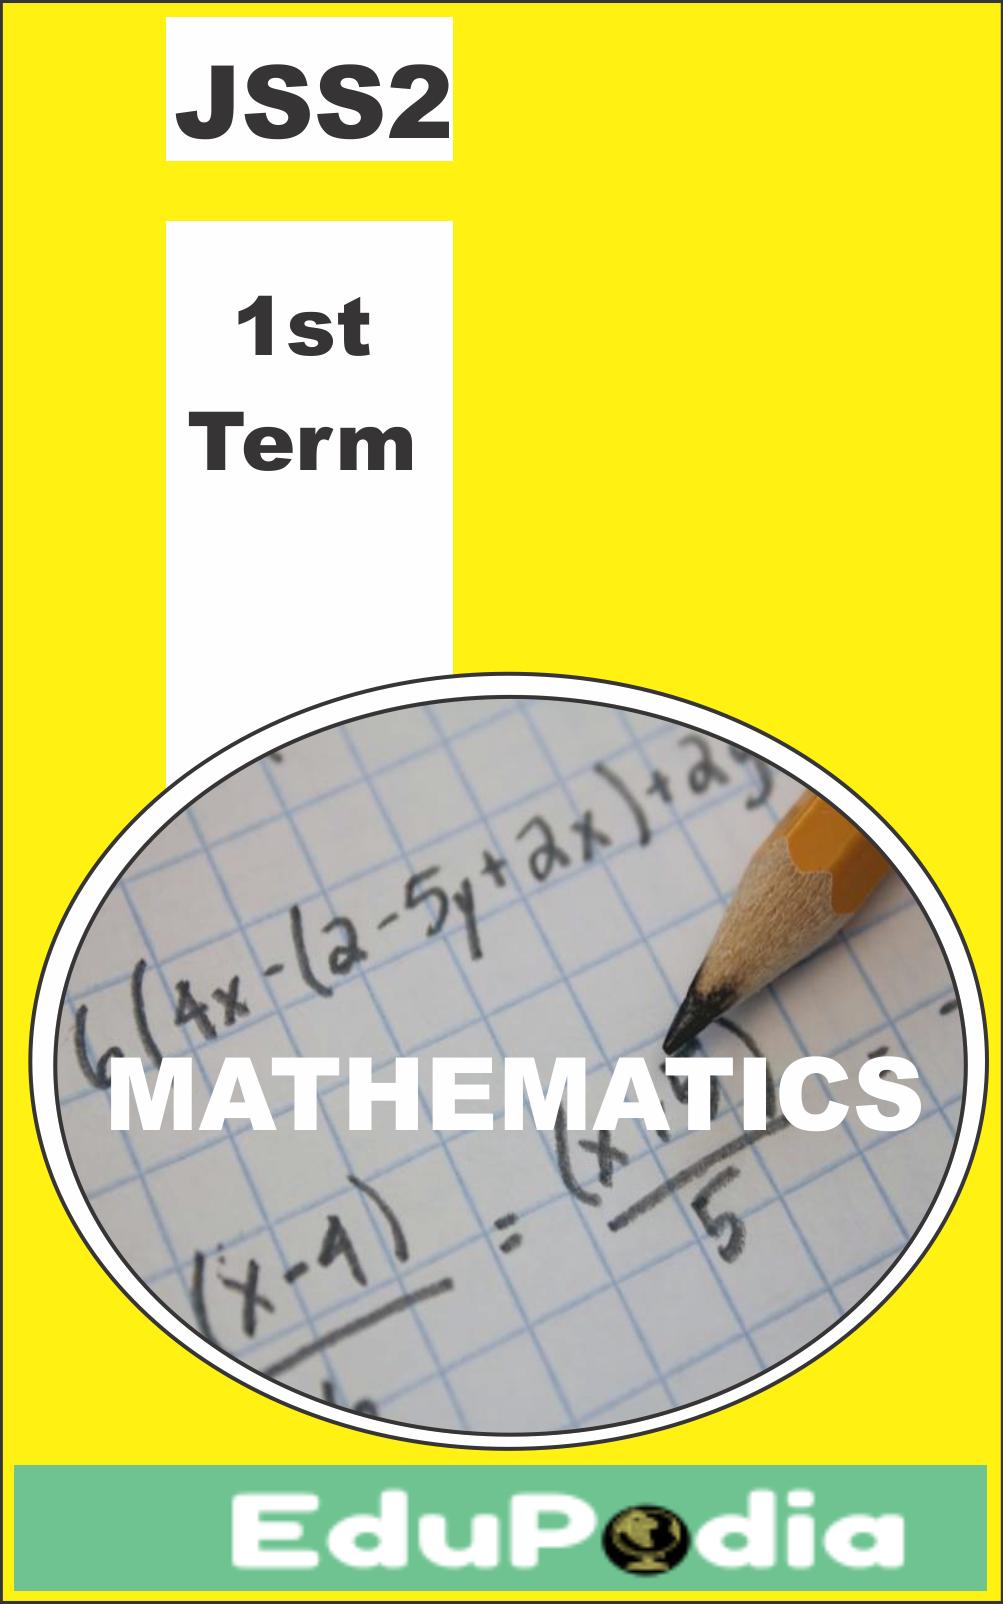 First Term JSS2 Mathematics Lesson Note